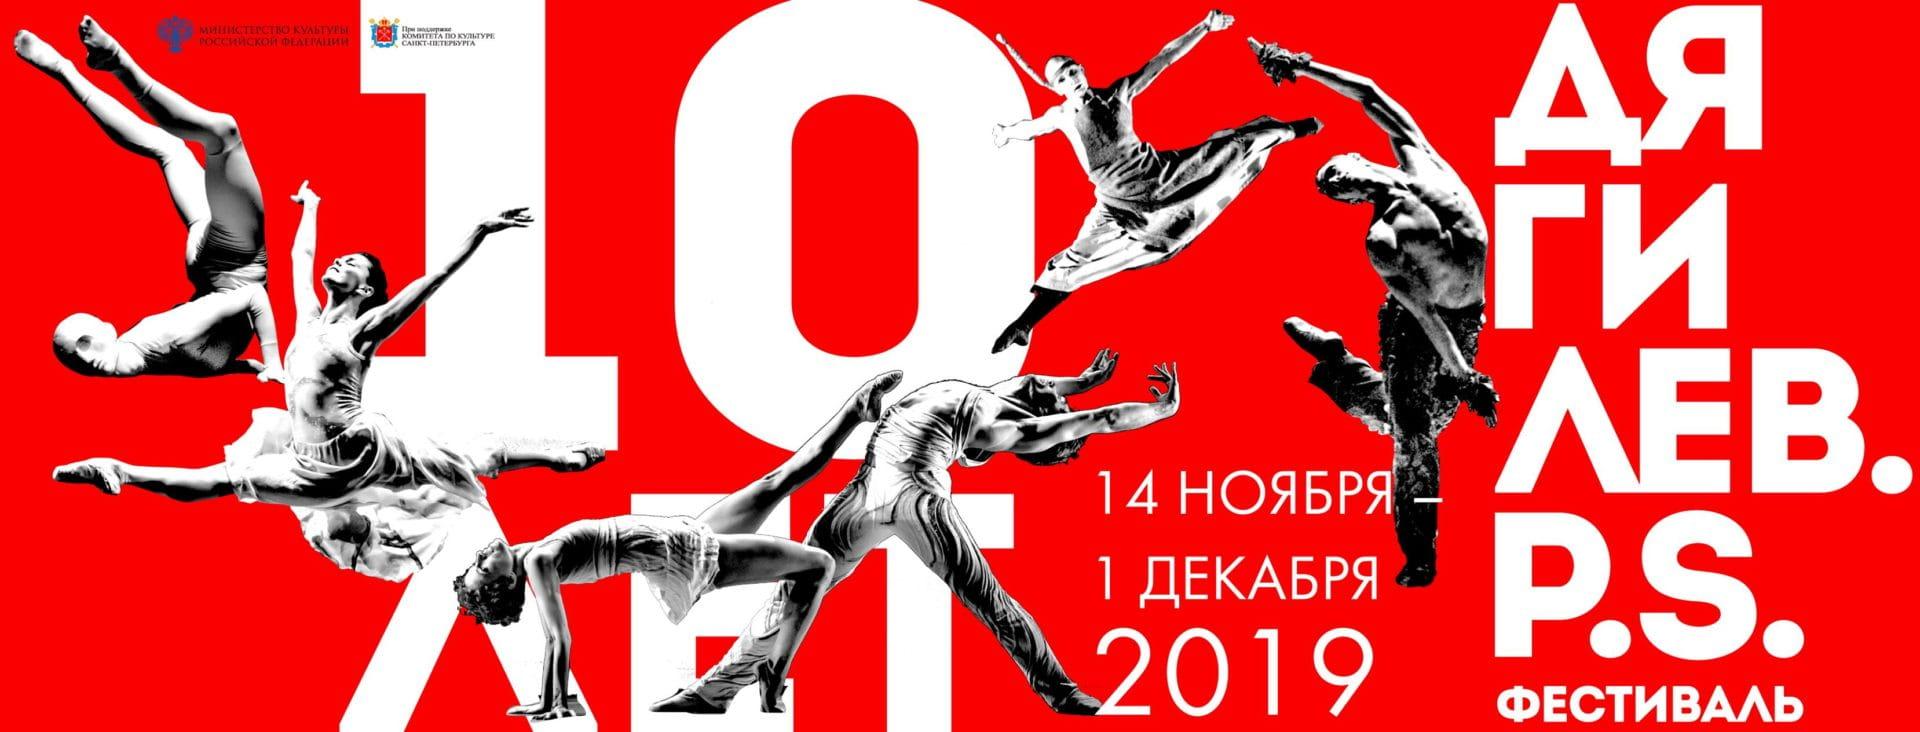 Международный фестиваль искусств «Дягилев P.S.». Юбилей. Гид